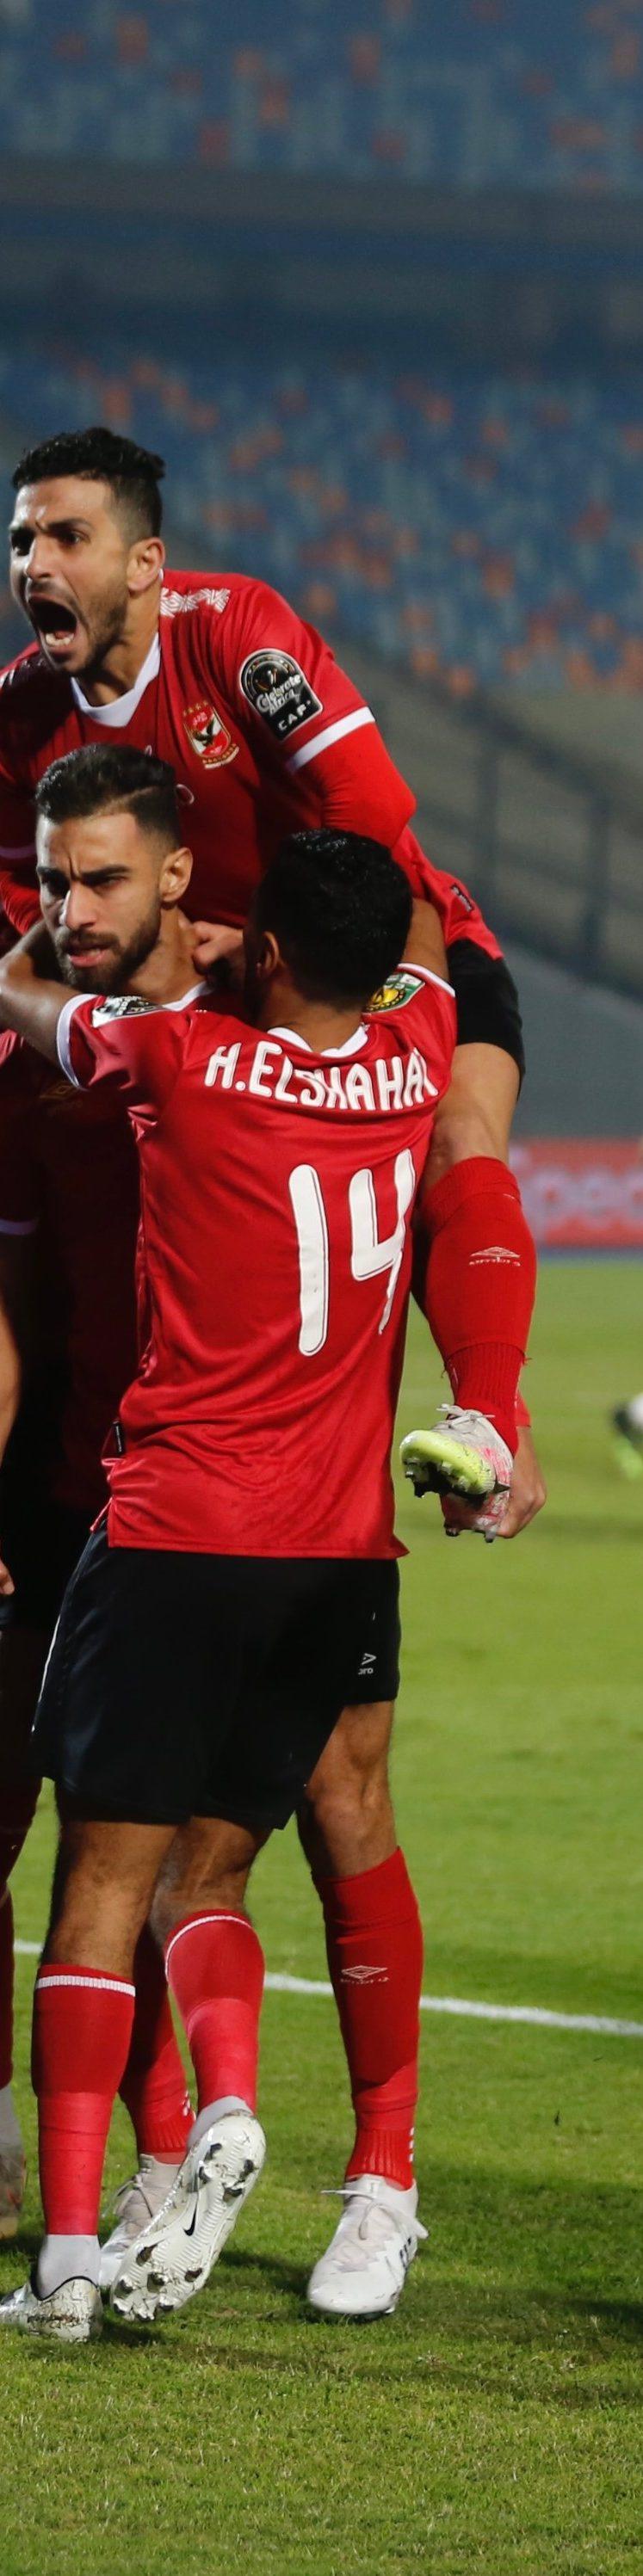 موعد مباراة الأهلي والاتحاد المصري في الدوري المصري